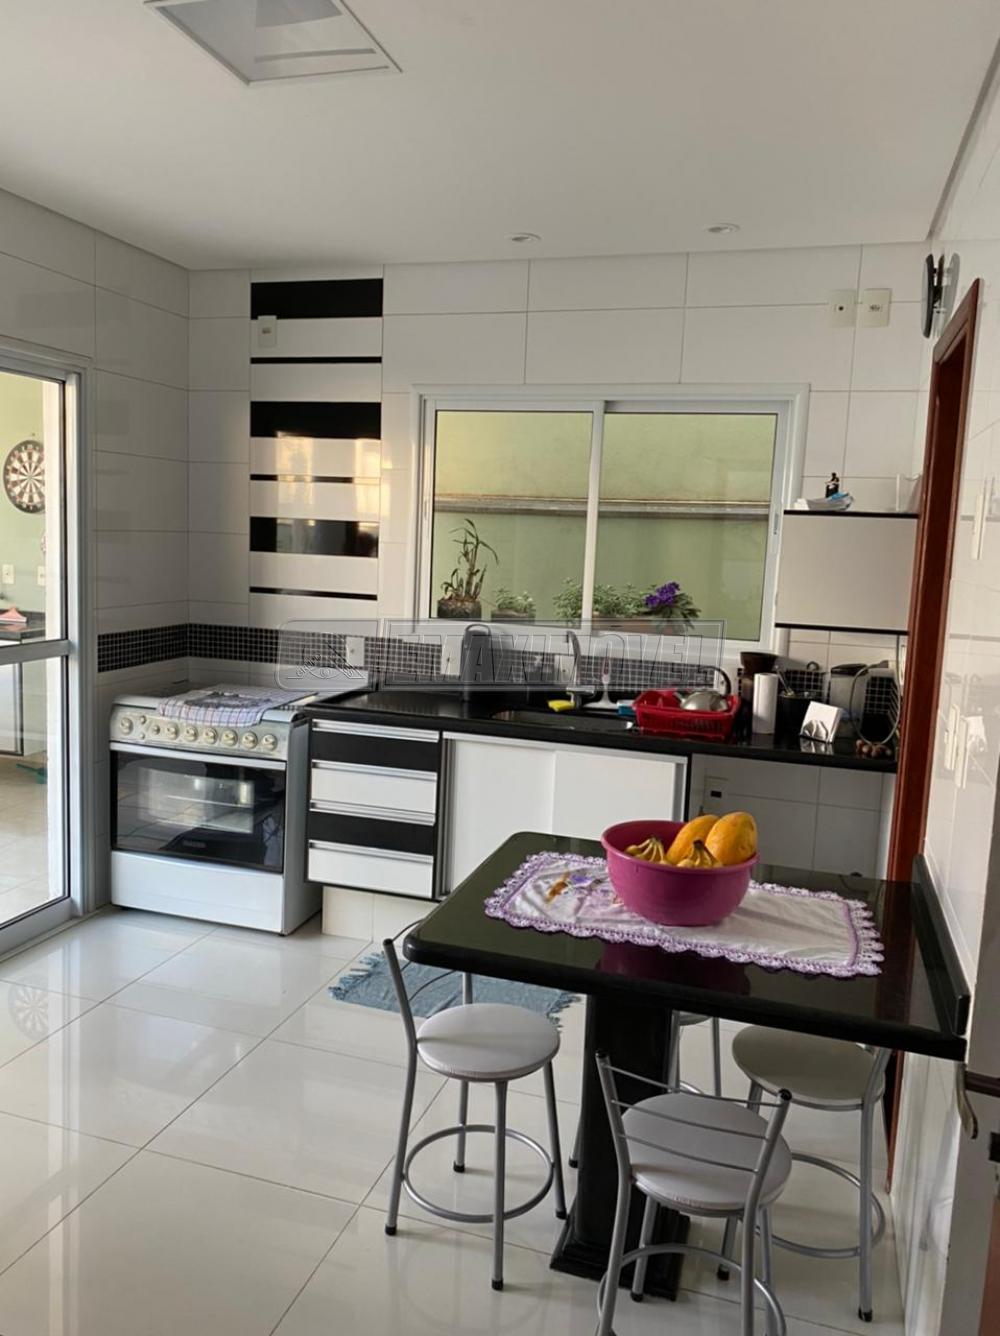 Comprar Casa / em Condomínios em Sorocaba R$ 950.000,00 - Foto 4